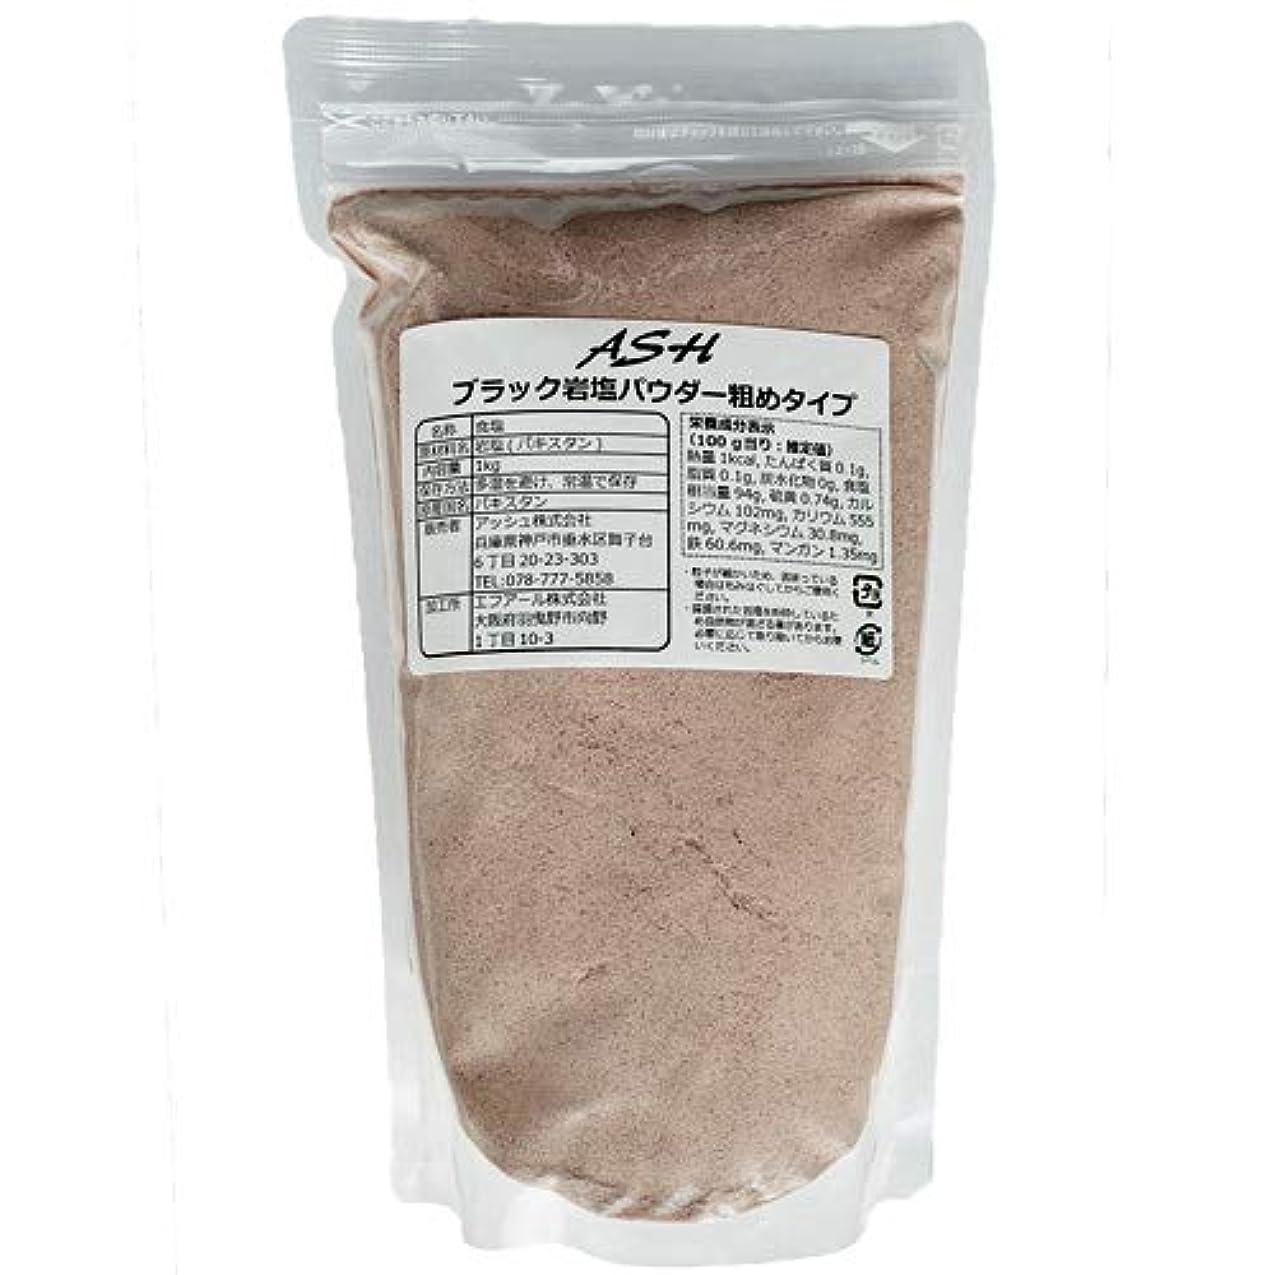 実証するラケット熱ブラック岩塩 ヒマラヤ岩塩 パウダー粗めタイプ バスソルトベース 1kg